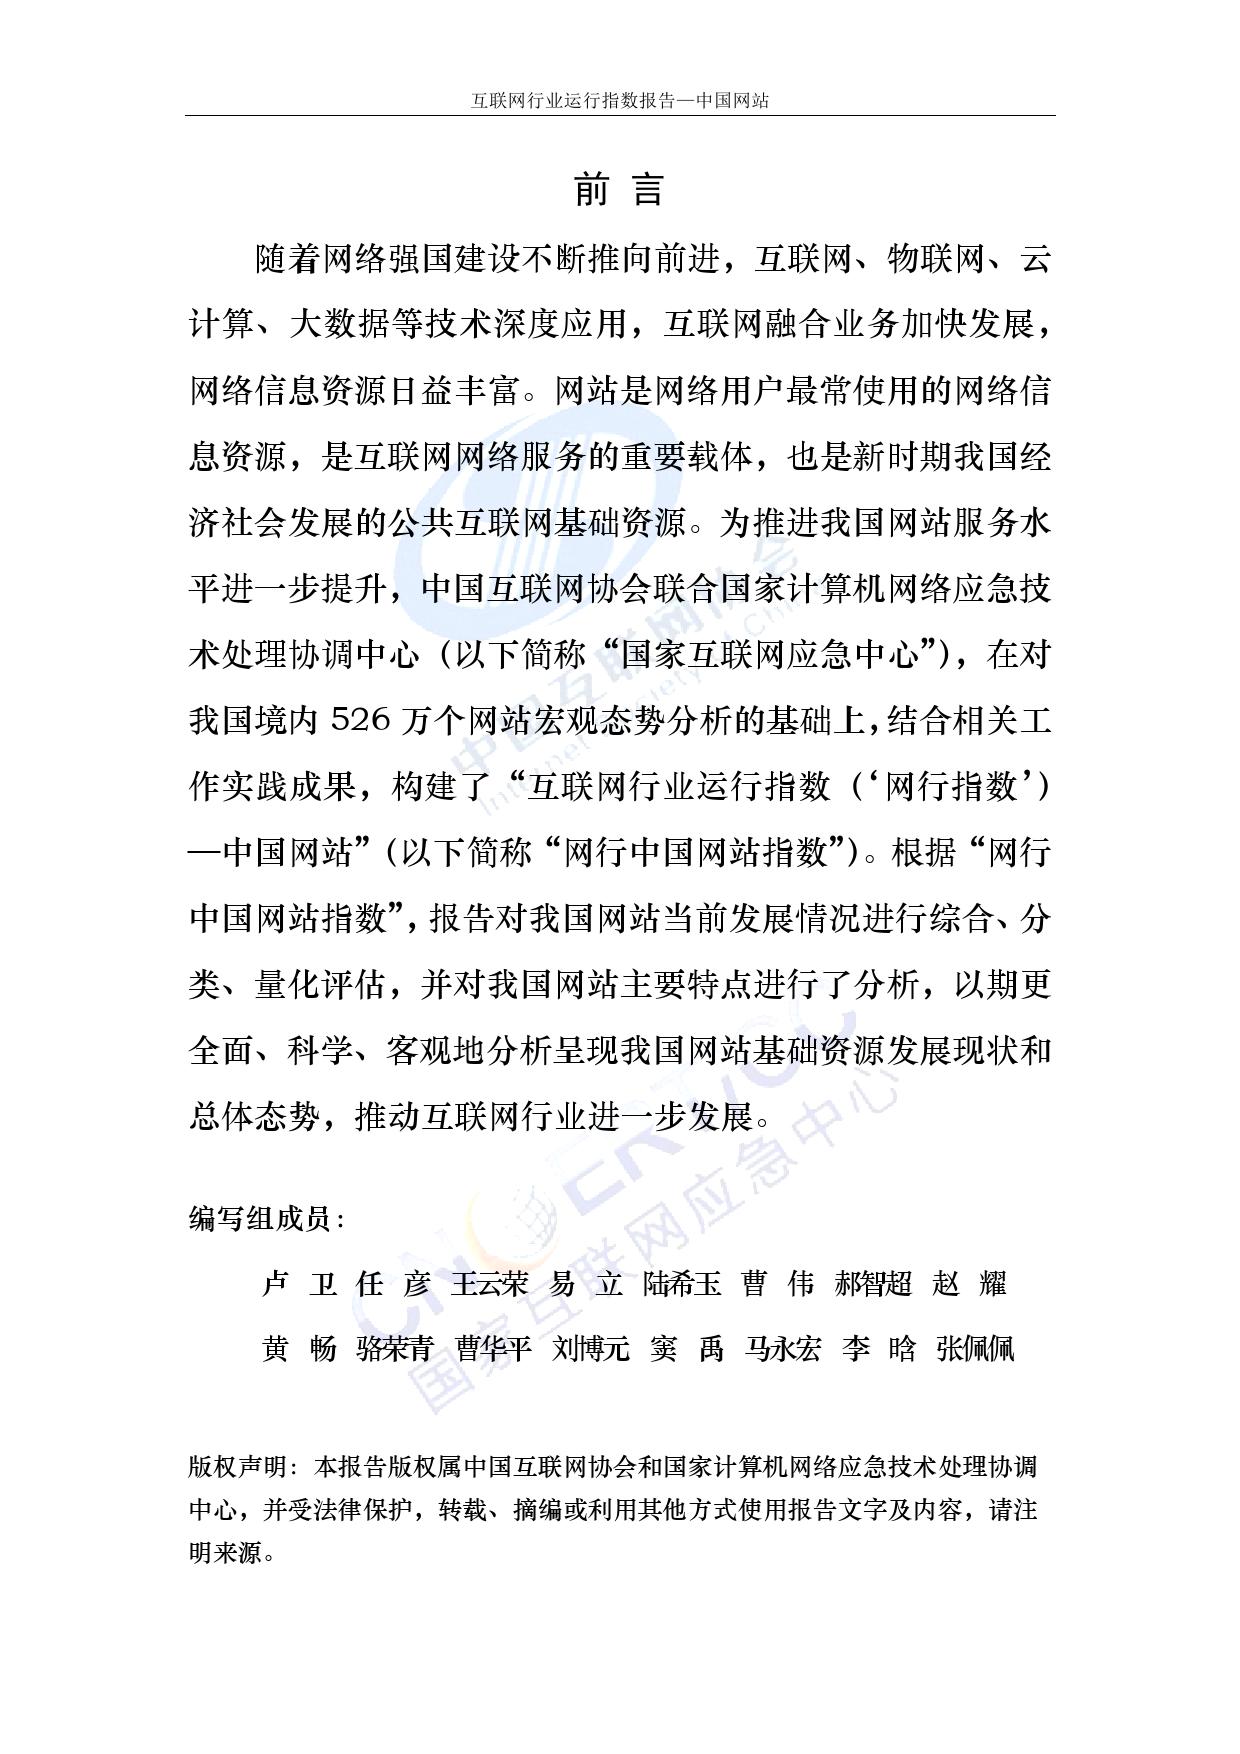 中国互联网协会:互联网行业运行指数报告(附下载)